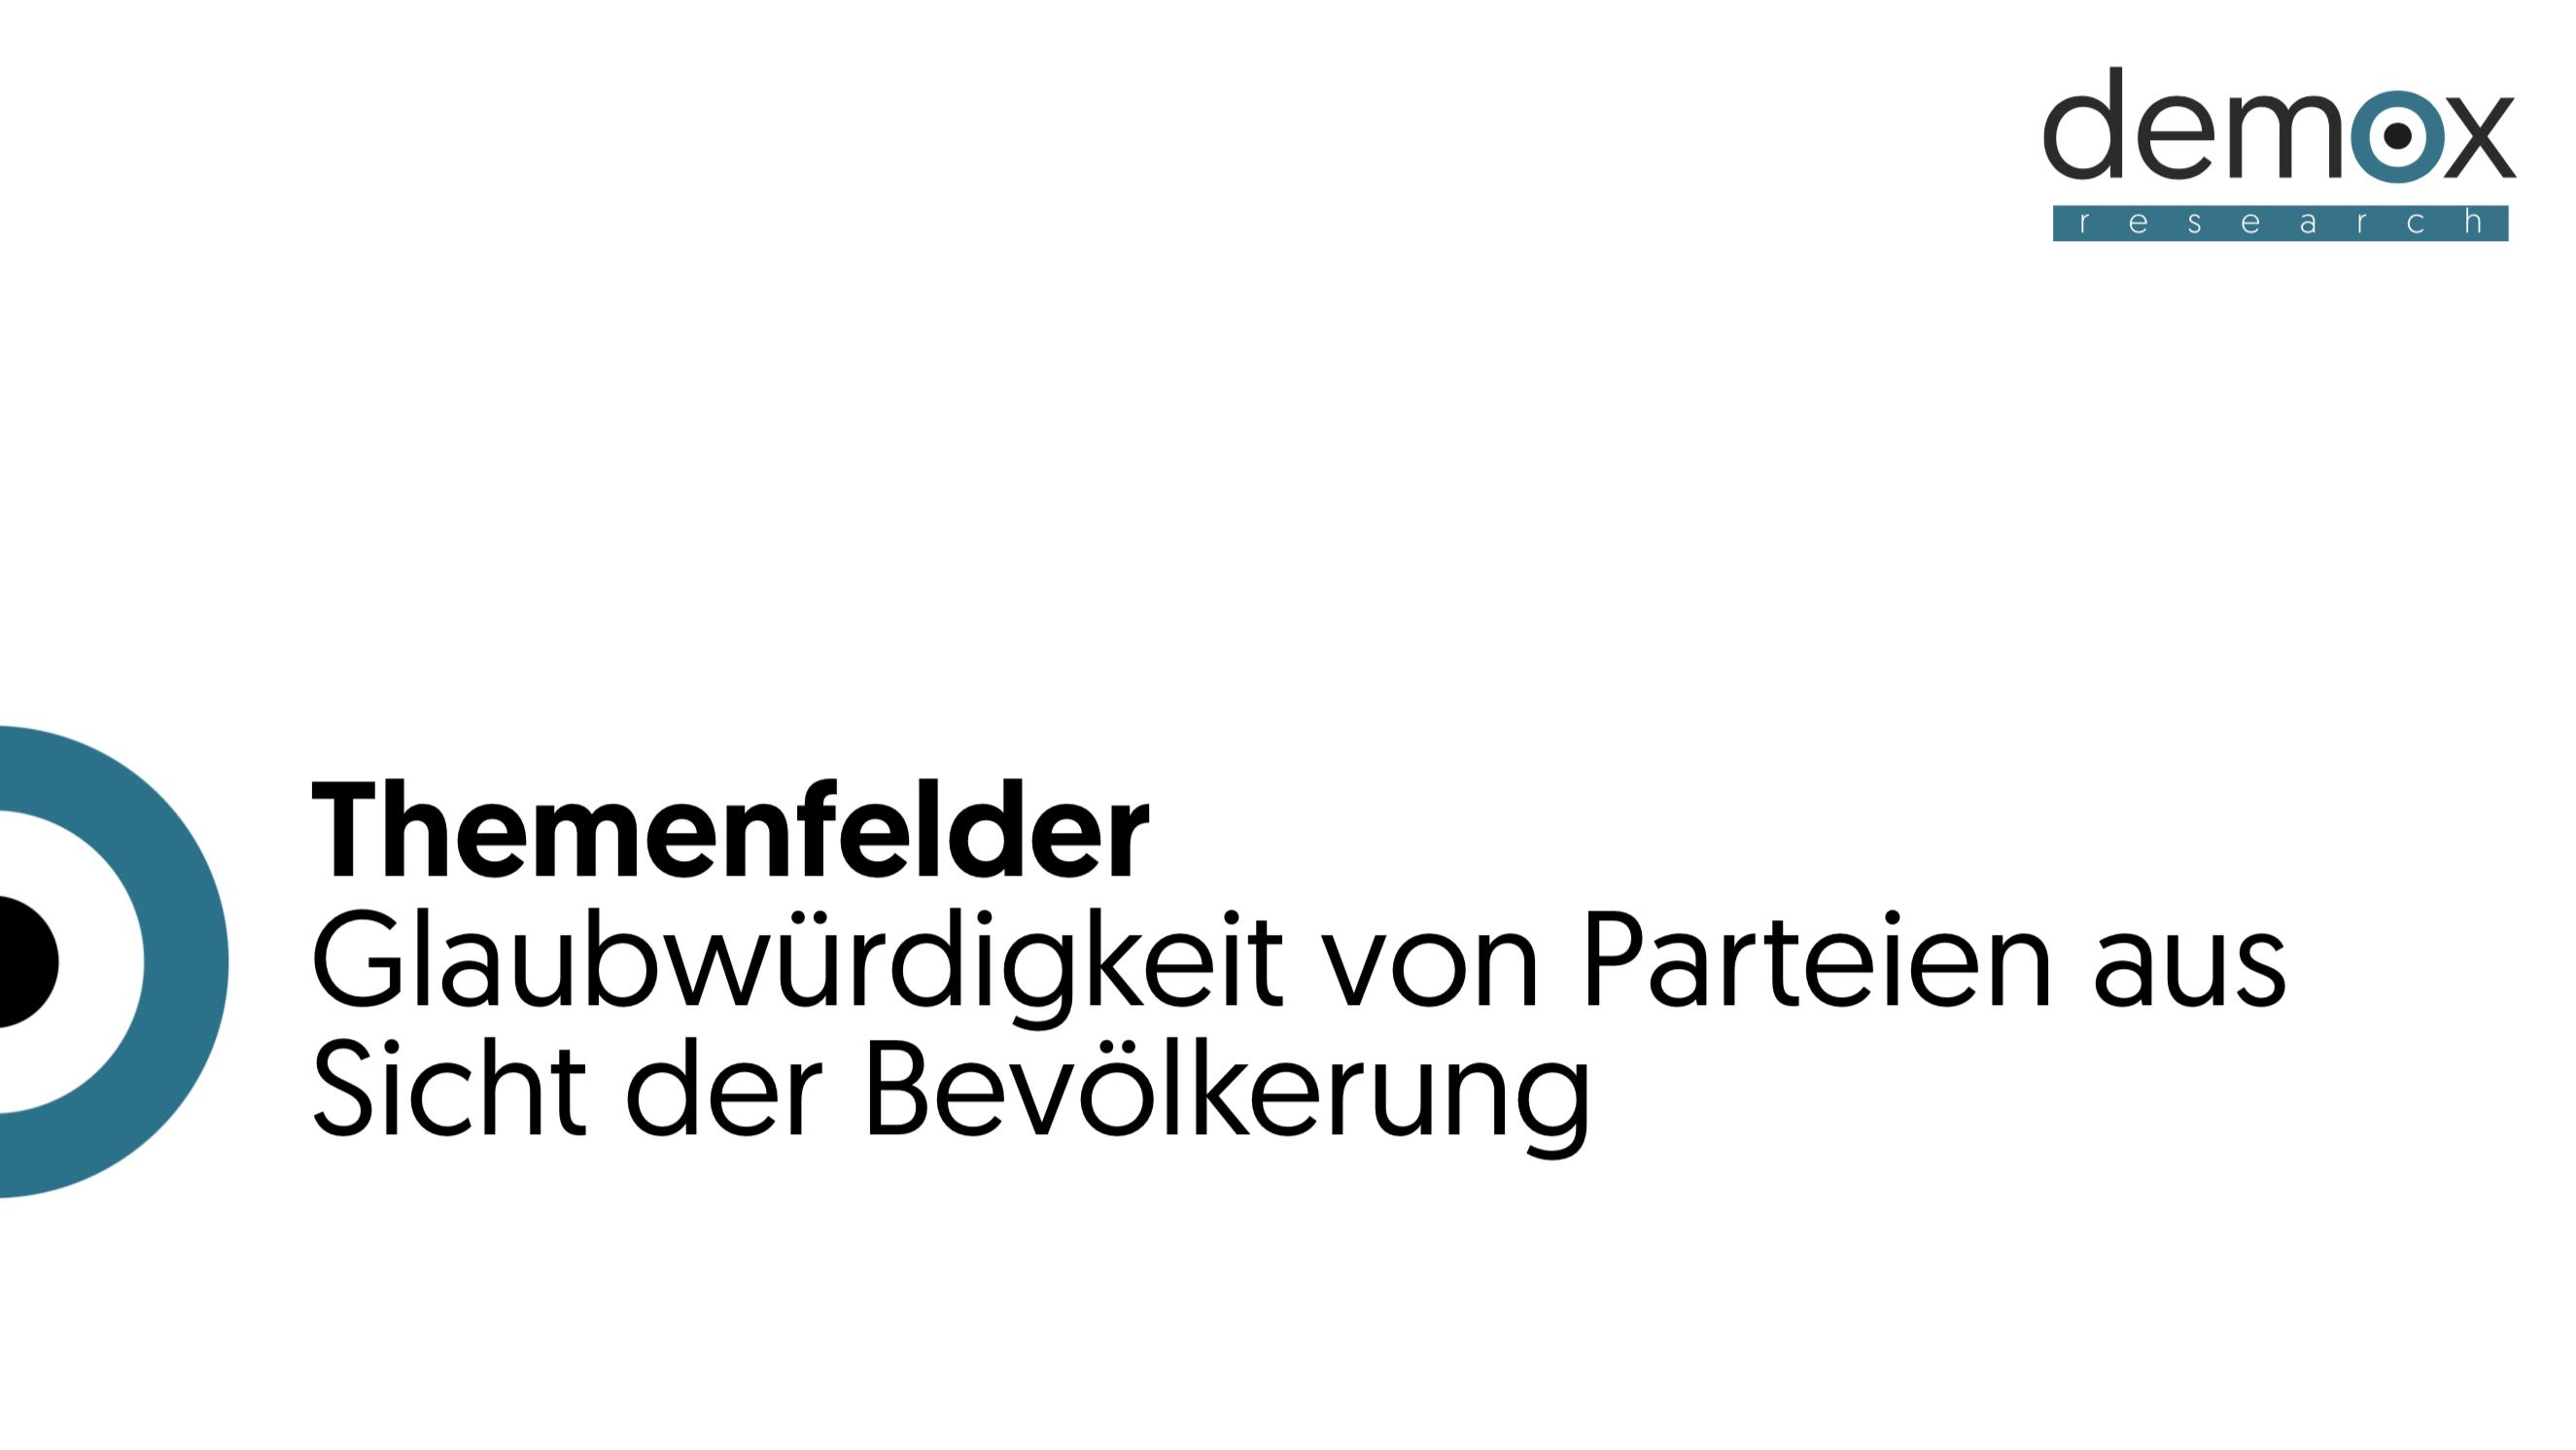 Themenfelder - Glaubwürdigkeit der Parteien in Österreich - Demox Research. Marktforschung. Meinungsforschung.